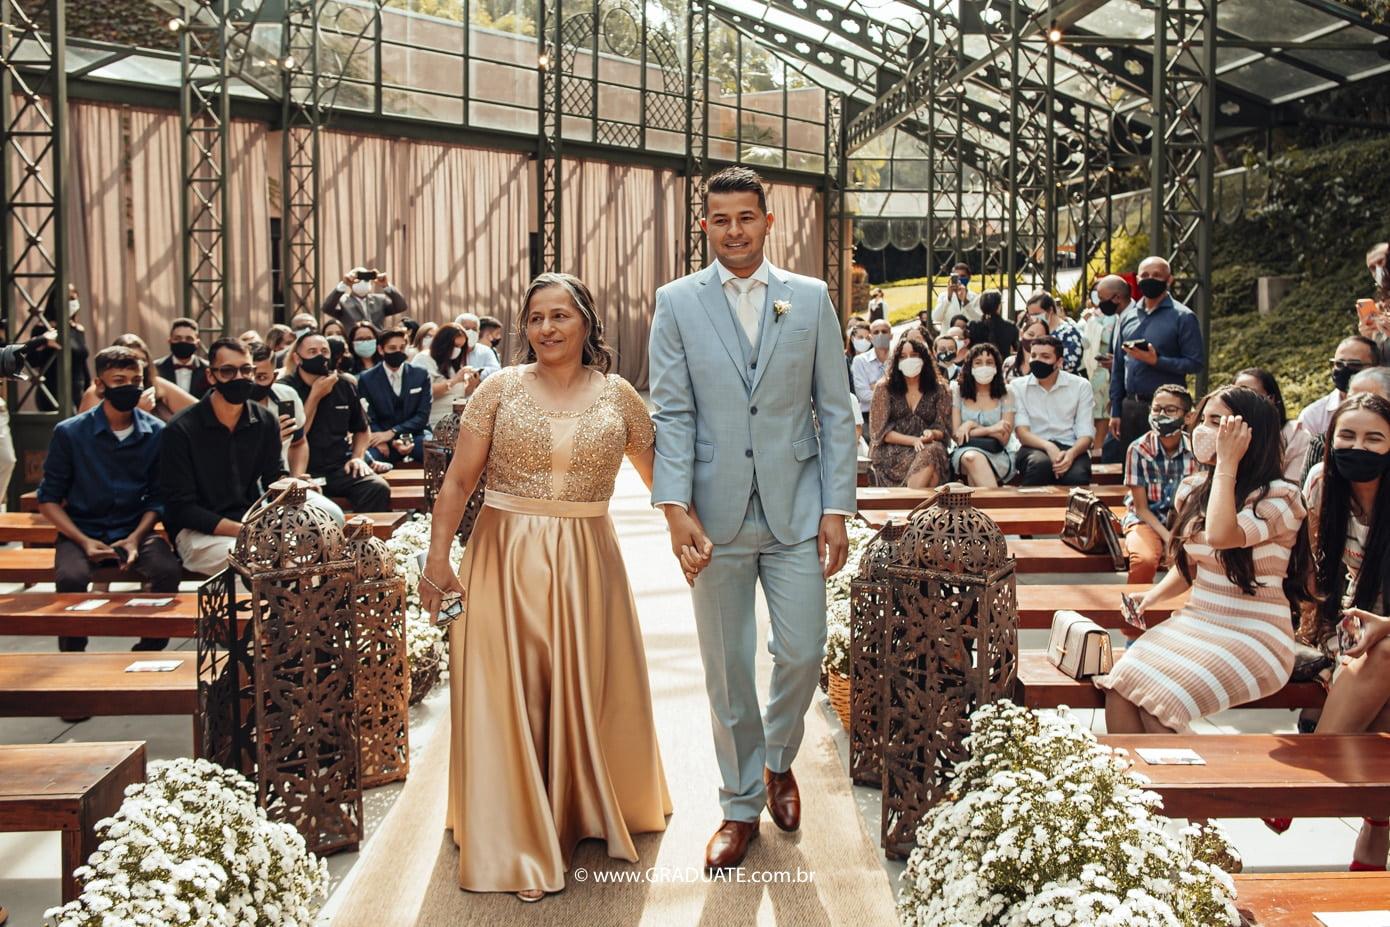 8 coisas que a mãe do noivo nunca deve fazer